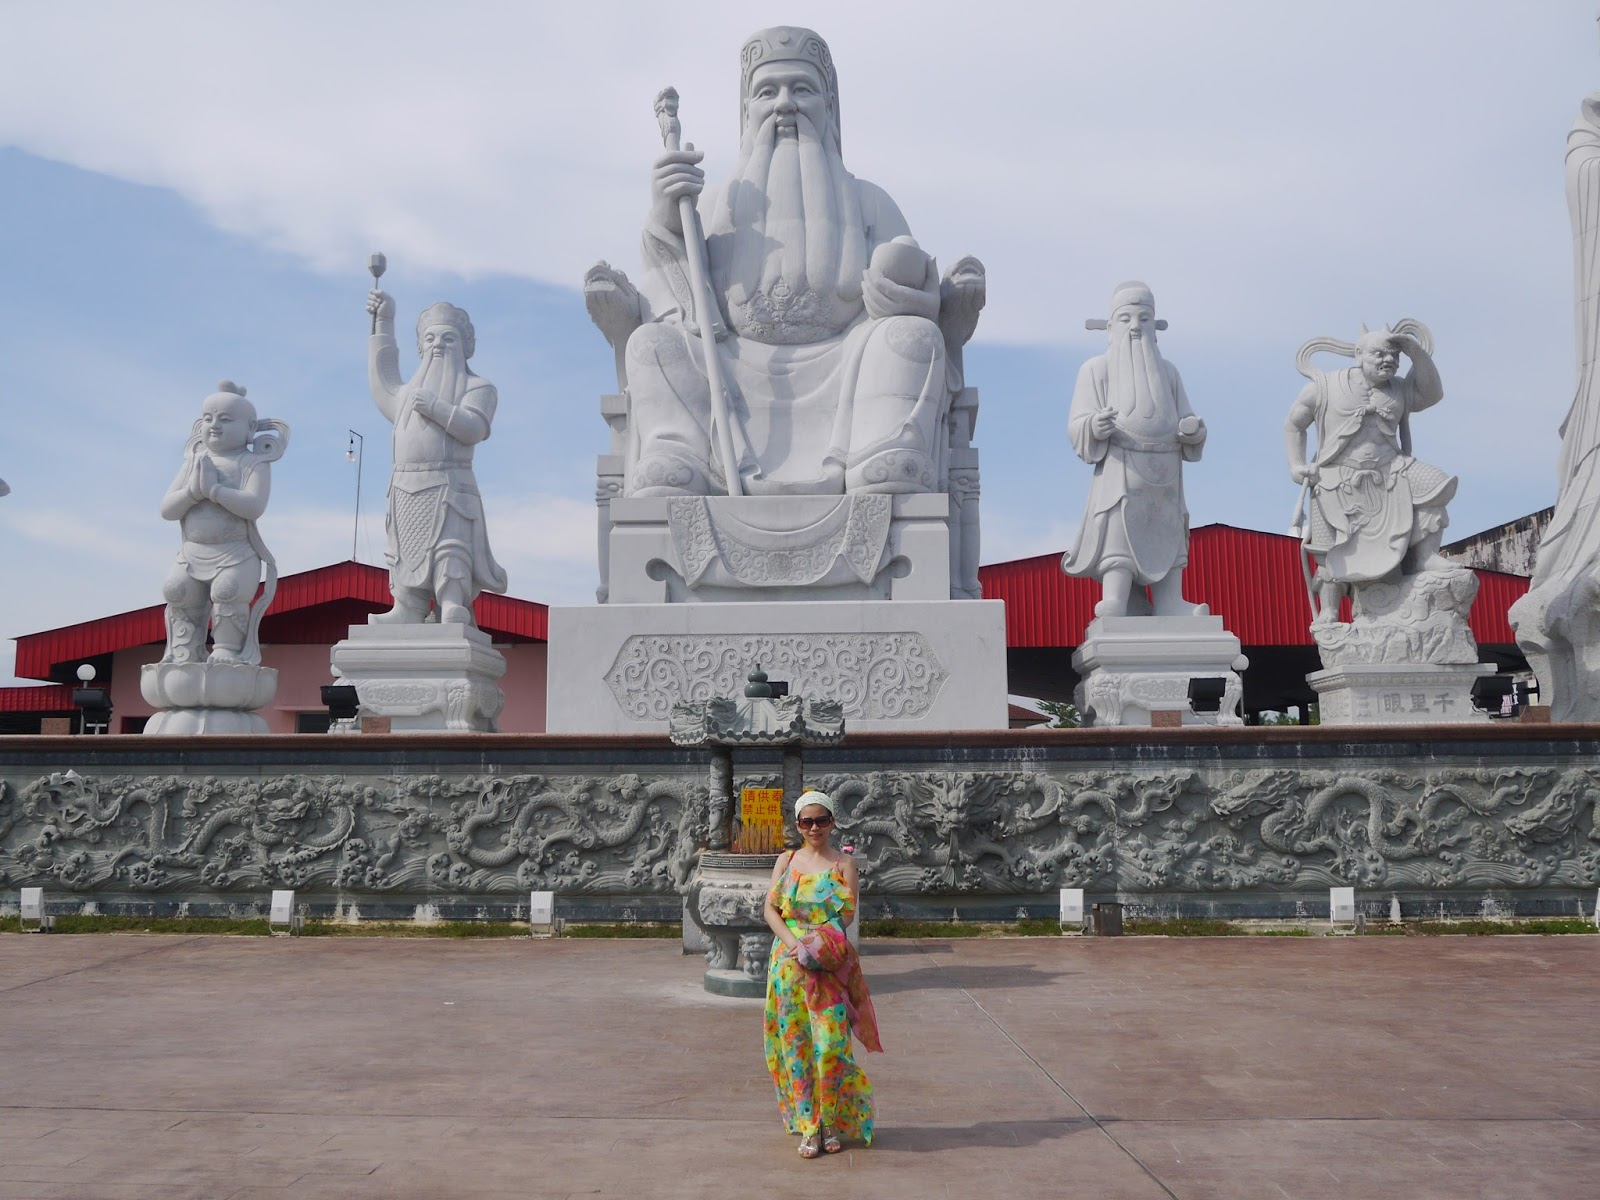 Pantai Remis Malaysia  city photos gallery : EVERGREEN LOVE: Pantai Remis Perak, Malaysia